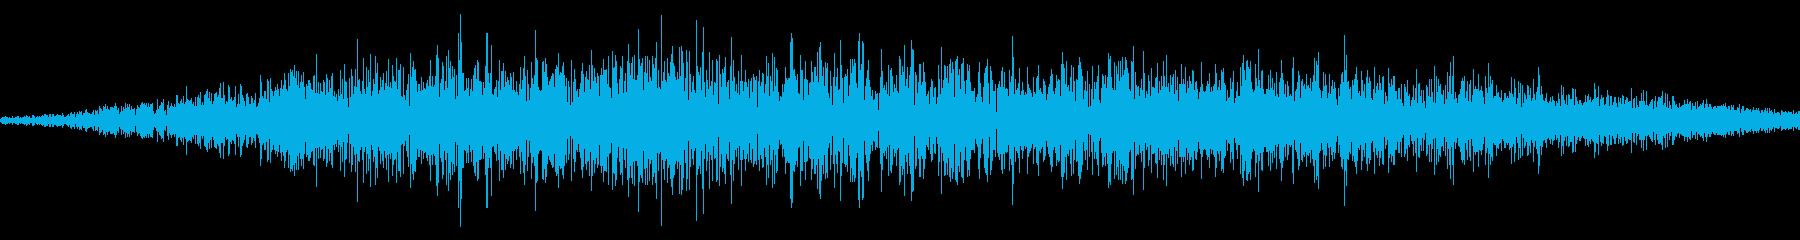 スワイプ音/風切り音/キャンセル音 10の再生済みの波形